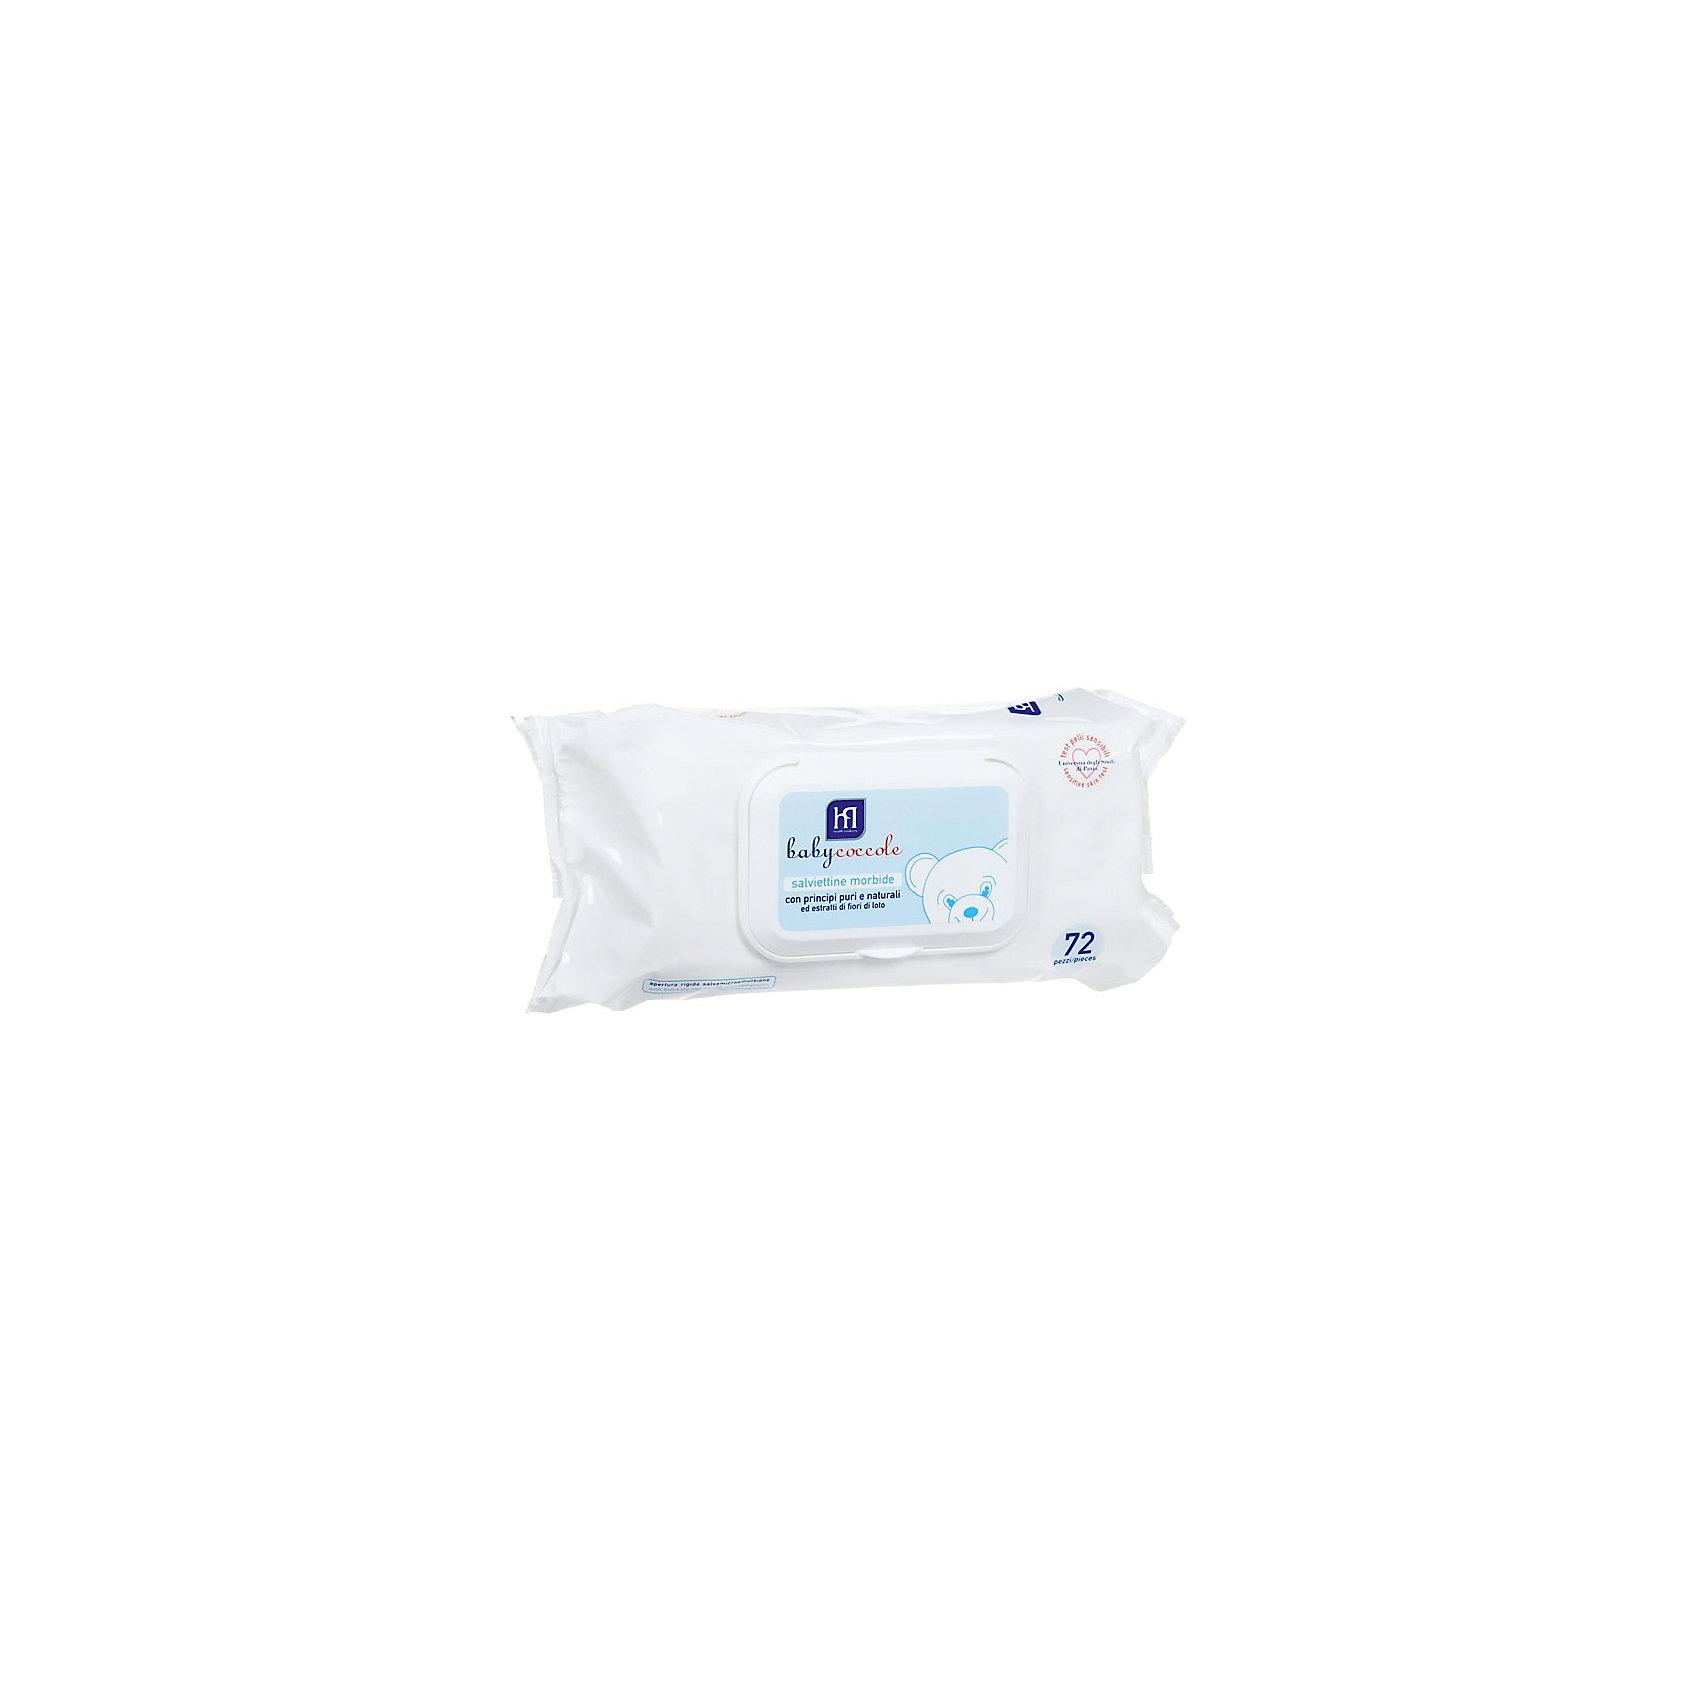 Салфетки очищающие 72 шт., BabycoccoleВлажные салфетки<br>Салфетки очищающие 72 шт., Babycoccole (Бэбикоколле) - мягкие нетканые салфетки, созданные для заботливого ухода за нежной кожей.<br>Очищающие салфетки Babycoccole (Бэбикоколле) изготовлены из мягкого нетканого материала и для очищения кожи новорожденных и маленьких детей. Они обладают смягчающими и увлажняющими свойствами благодаря чистым и натуральным ингредиентам, таким как бетаглюкан овса и экстракт из цветов лотоса. Необходимы при повседневном использовании, особенно незаменимы при смене подгузника в условиях отсутствия воды и мыла, а также на прогулке, в поликлинике, в гостях. Салфетки гипоаллергенны, обладают физиологическим уровнем pH. Косметика Babycoccole (Бэбикоколле) для ухода за кожей новорожденных – это чистые и натуральные решения, созданные самой природой, потому что они основаны на использовании лучших и наиболее эффективных свойств компонентов растений. Разработана и произведена в лаборатории Betafarma, Италия. Клинически протестирована, соответствует Европейской директиве 2003/15/СЕЕ, которая регулирует вопрос о недопустимости в содержании аллергических веществ. Для косметических средств характерен легкий мягкий запах мускуса с цитрусовой ноткой, который так подходит и нравится детям.<br><br>Дополнительная информация:<br><br>- Количество: 72 шт.<br>- Не содержат спирта, не сушат кожу<br>- Удобная упаковка снабжена крышкой, которая позволяет многократно открывать и закрывать упаковку, сохраняя при этом все свойства салфеток<br><br>Салфетки очищающие 72 шт., Babycoccole (Бэбикоколле) можно купить в нашем интернет-магазине.<br><br>Ширина мм: 100<br>Глубина мм: 190<br>Высота мм: 50<br>Вес г: 620<br>Возраст от месяцев: 0<br>Возраст до месяцев: 36<br>Пол: Унисекс<br>Возраст: Детский<br>SKU: 4701923